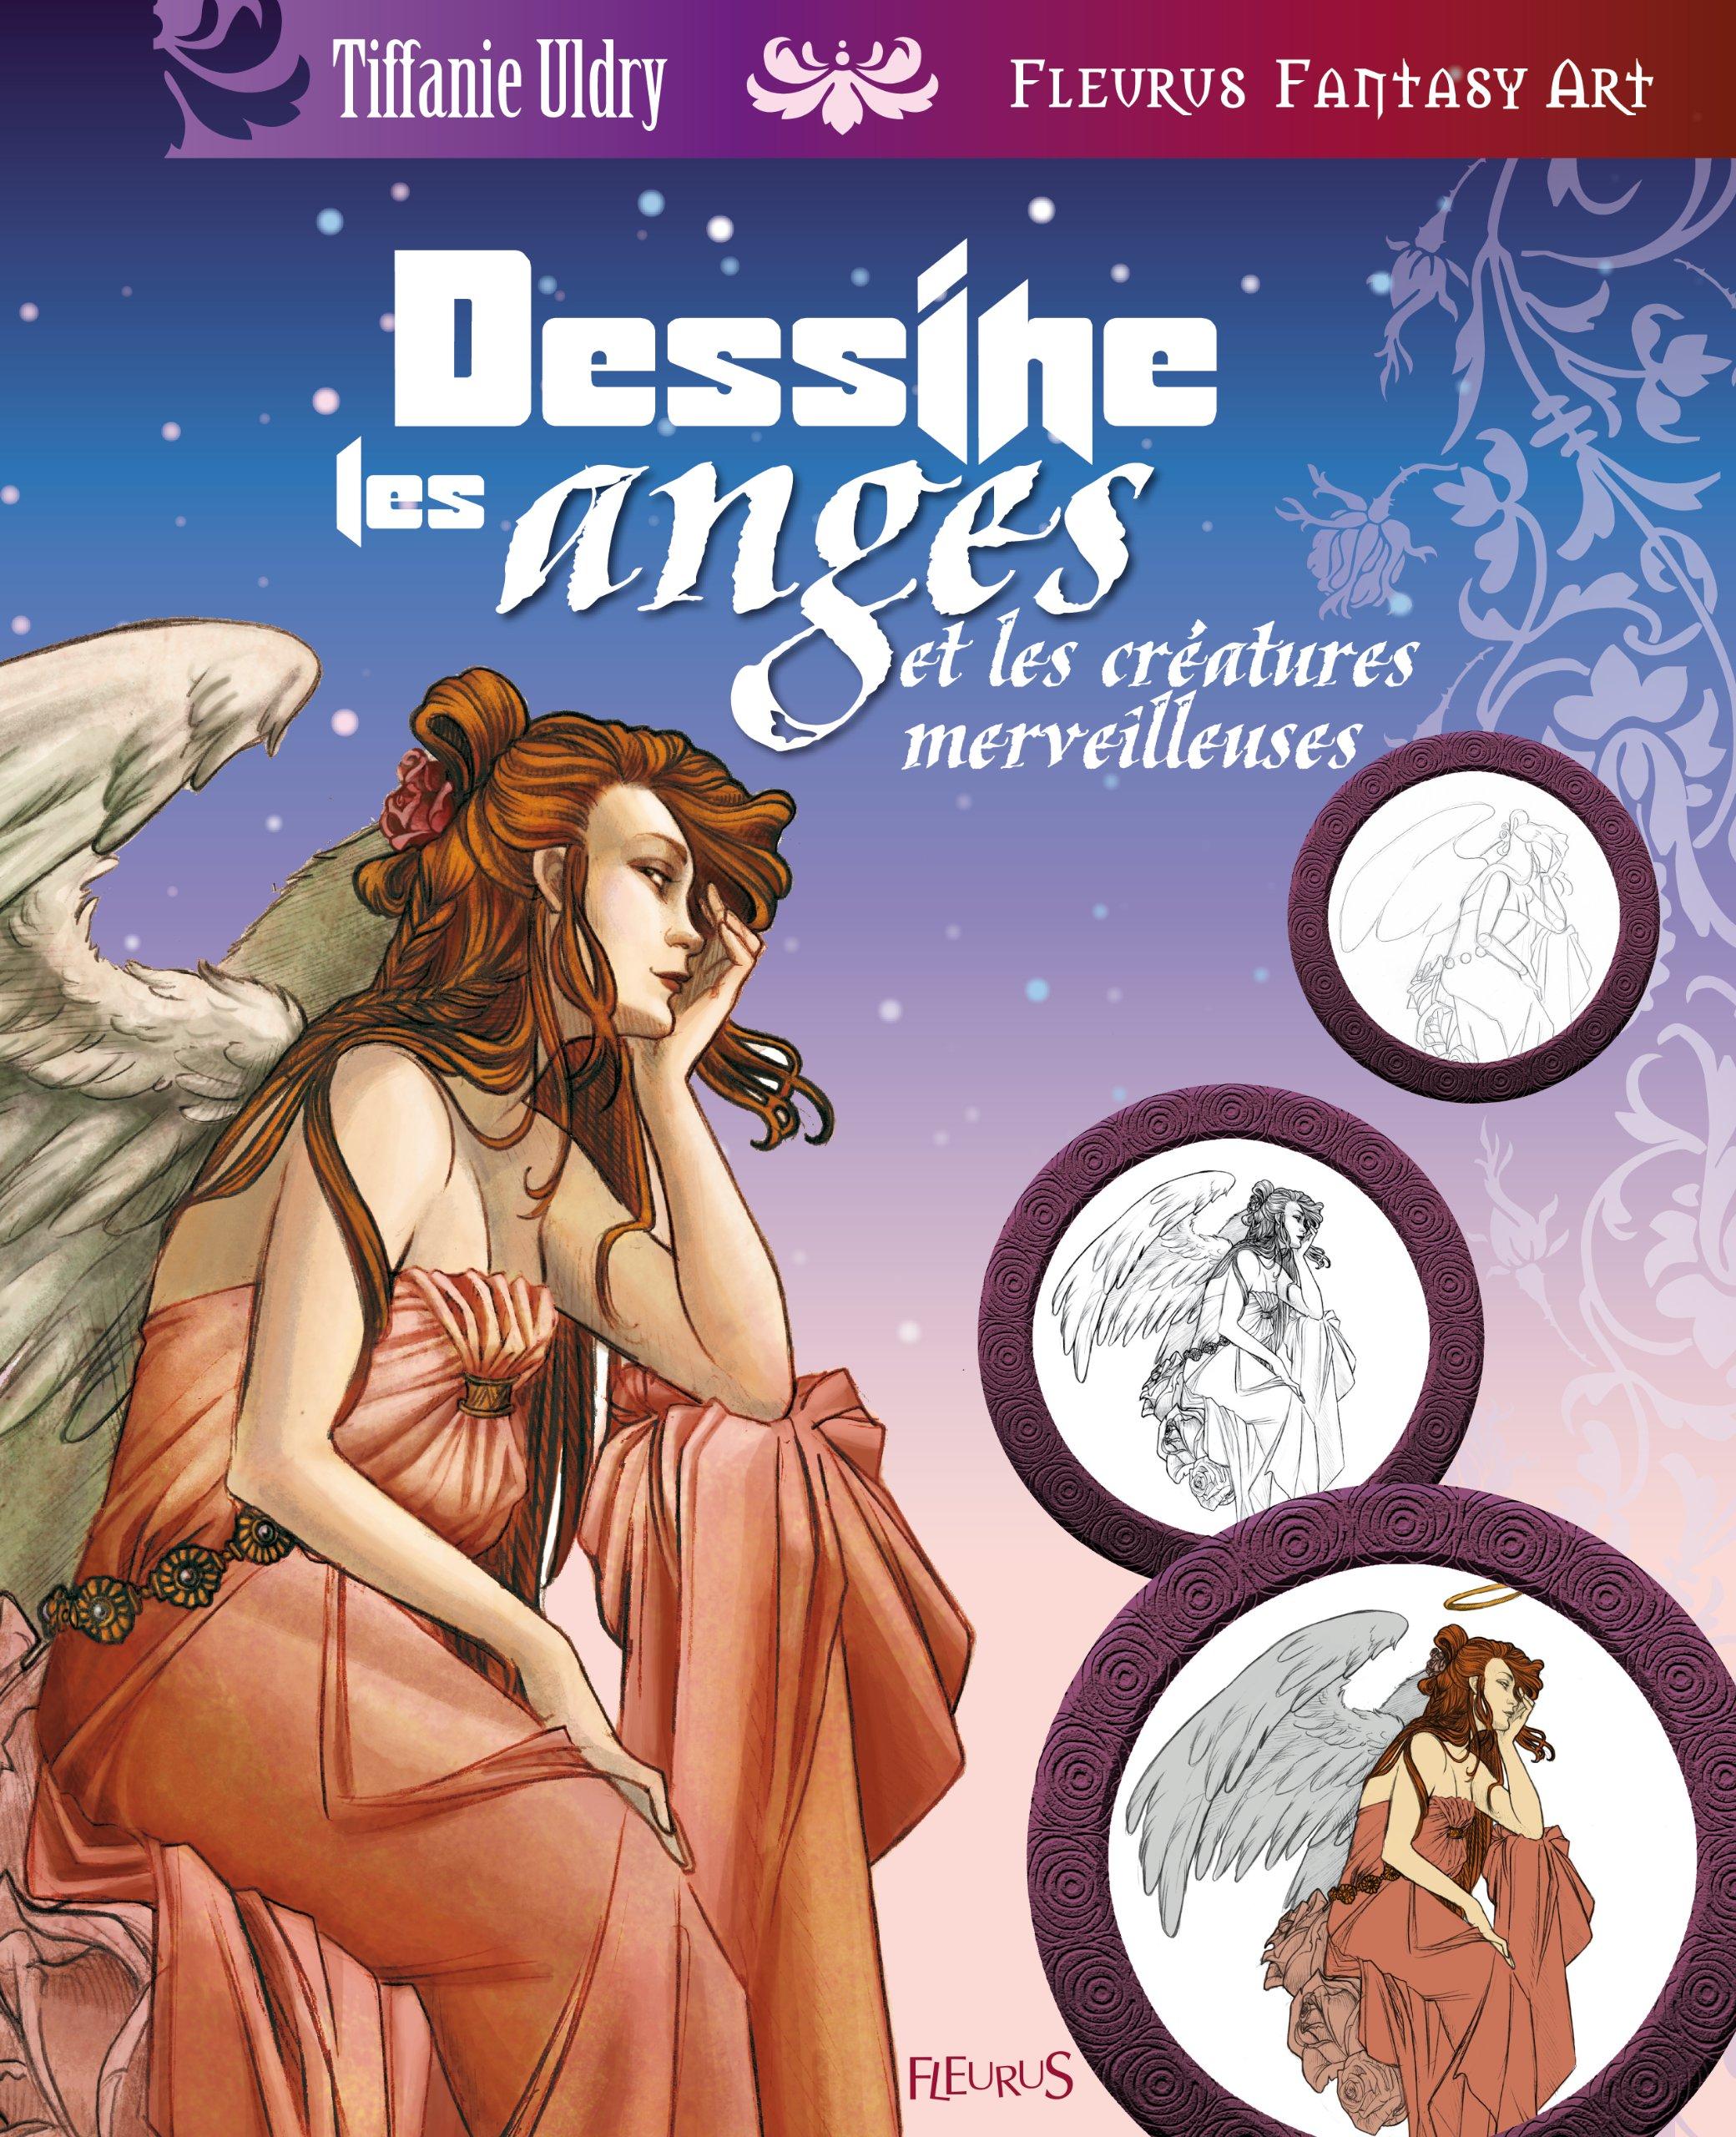 Dessine les Anges et les Créatures Merveilleuses Relié – 14 avril 2011 Tiffanie Uldry FLEURUS 2215101814 Jeunesse / De 9 à 12 ans